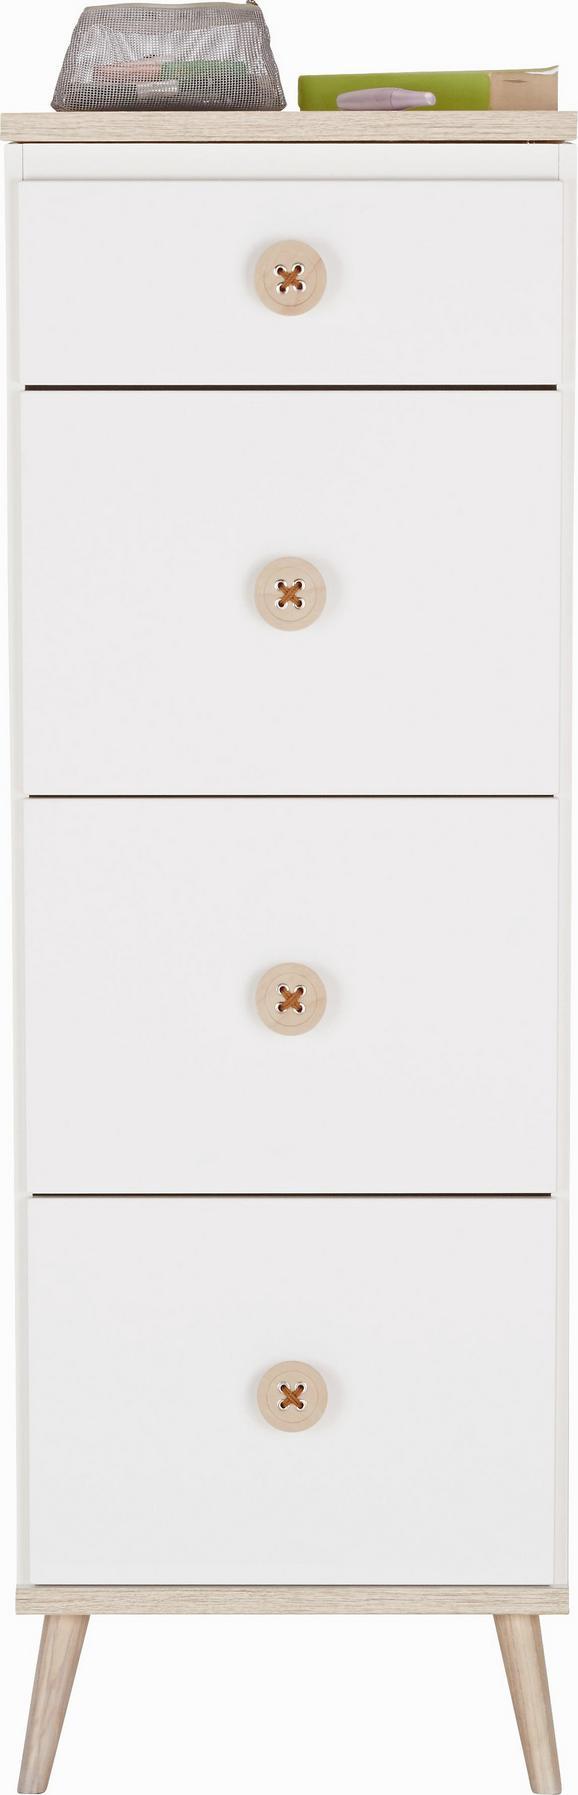 Kommode Weiß/Eiche - Eichefarben/Weiß, MODERN, Holz/Holzwerkstoff (46/121/40cm) - Modern Living